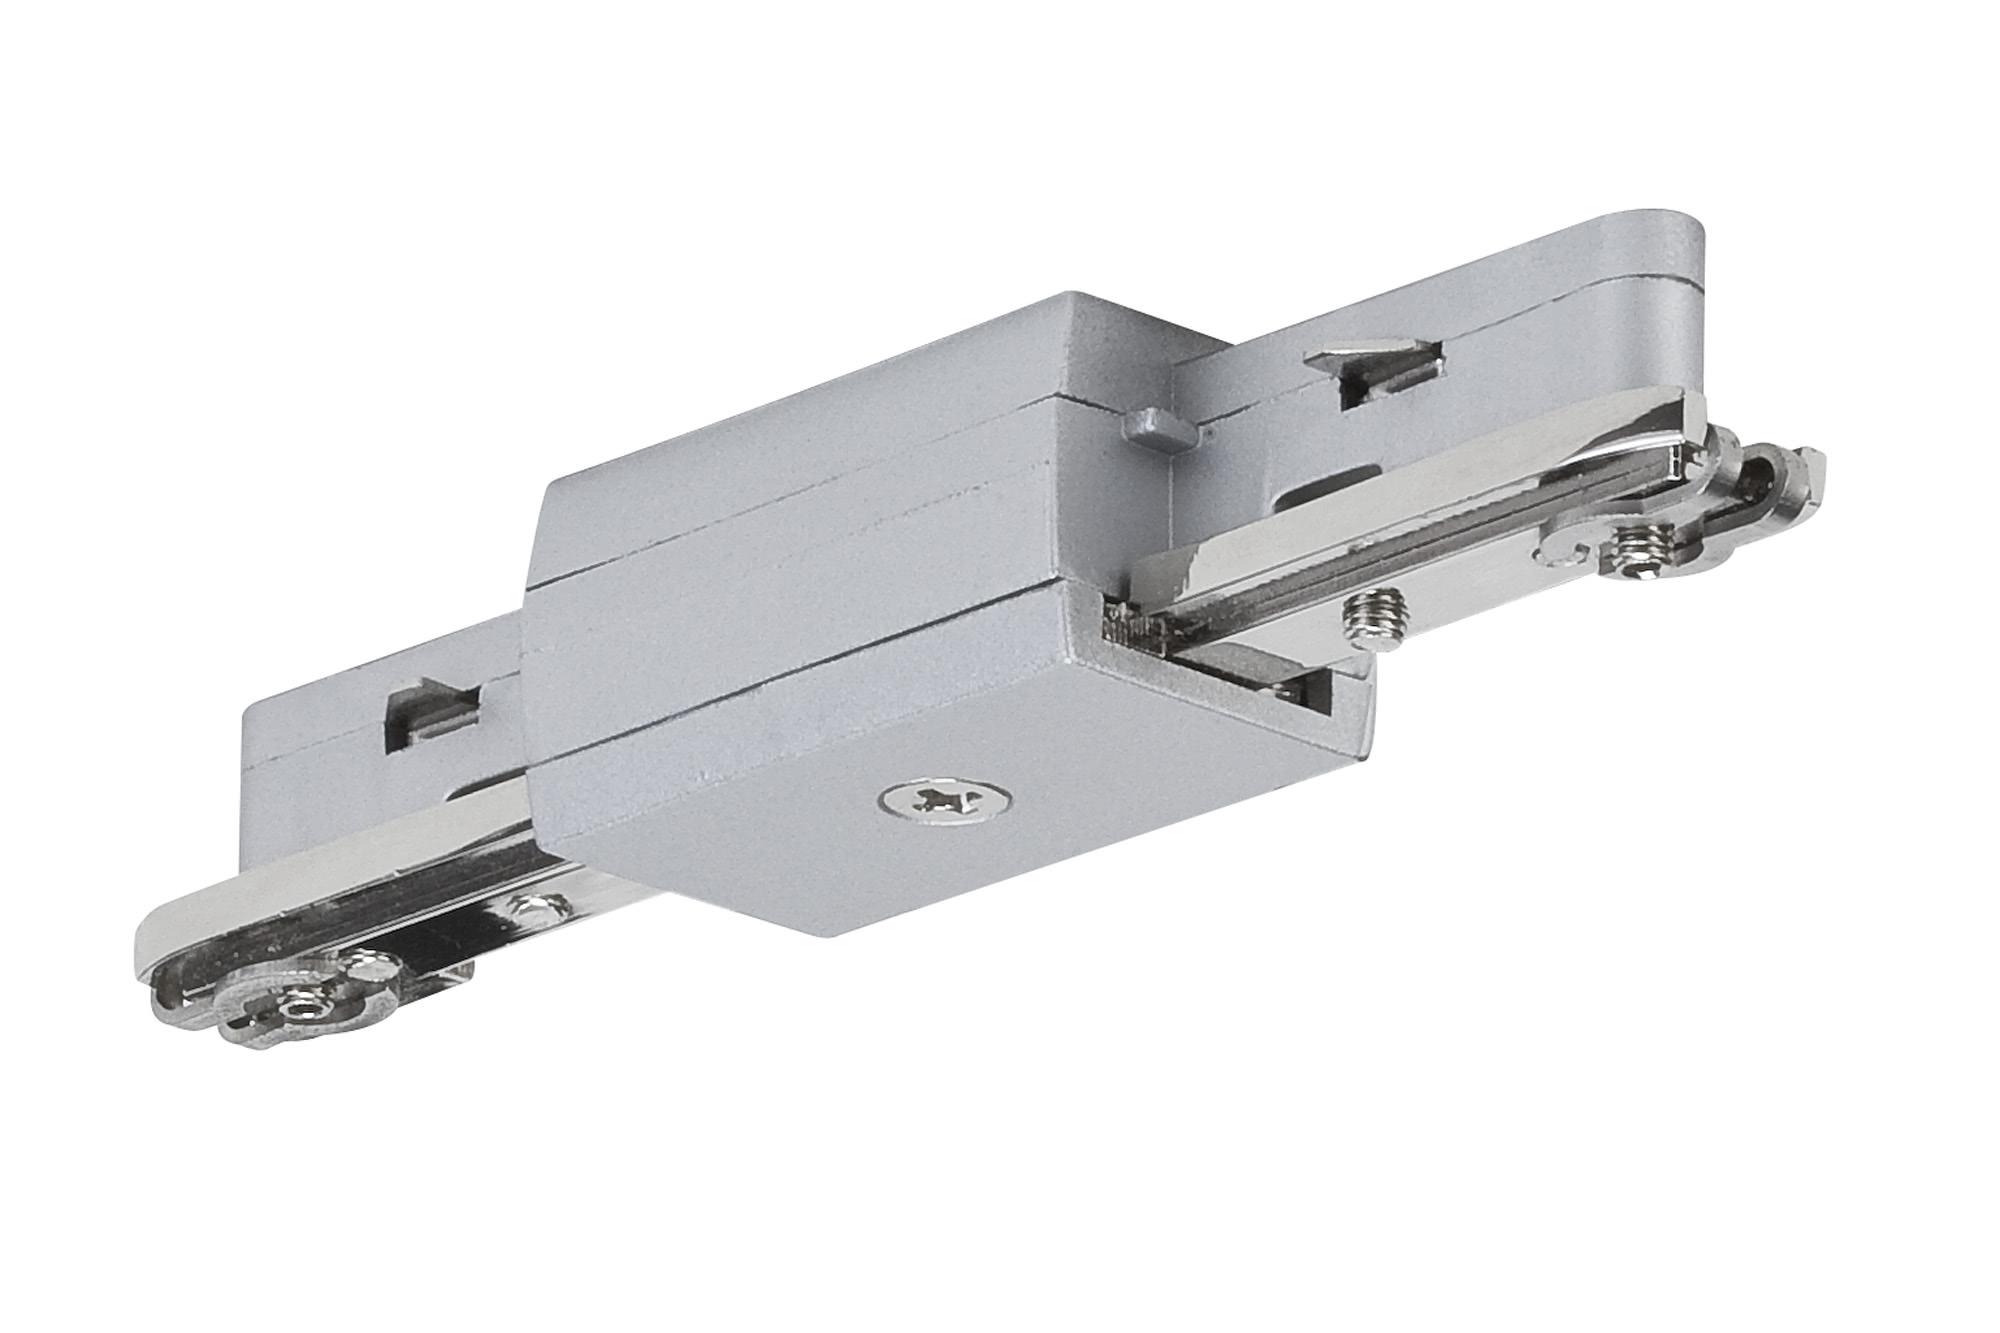 Paulmann. 96832 Линейный соединитель для шинной системы U-RAIL 230V L&E max.1000W 230V, хром матовый